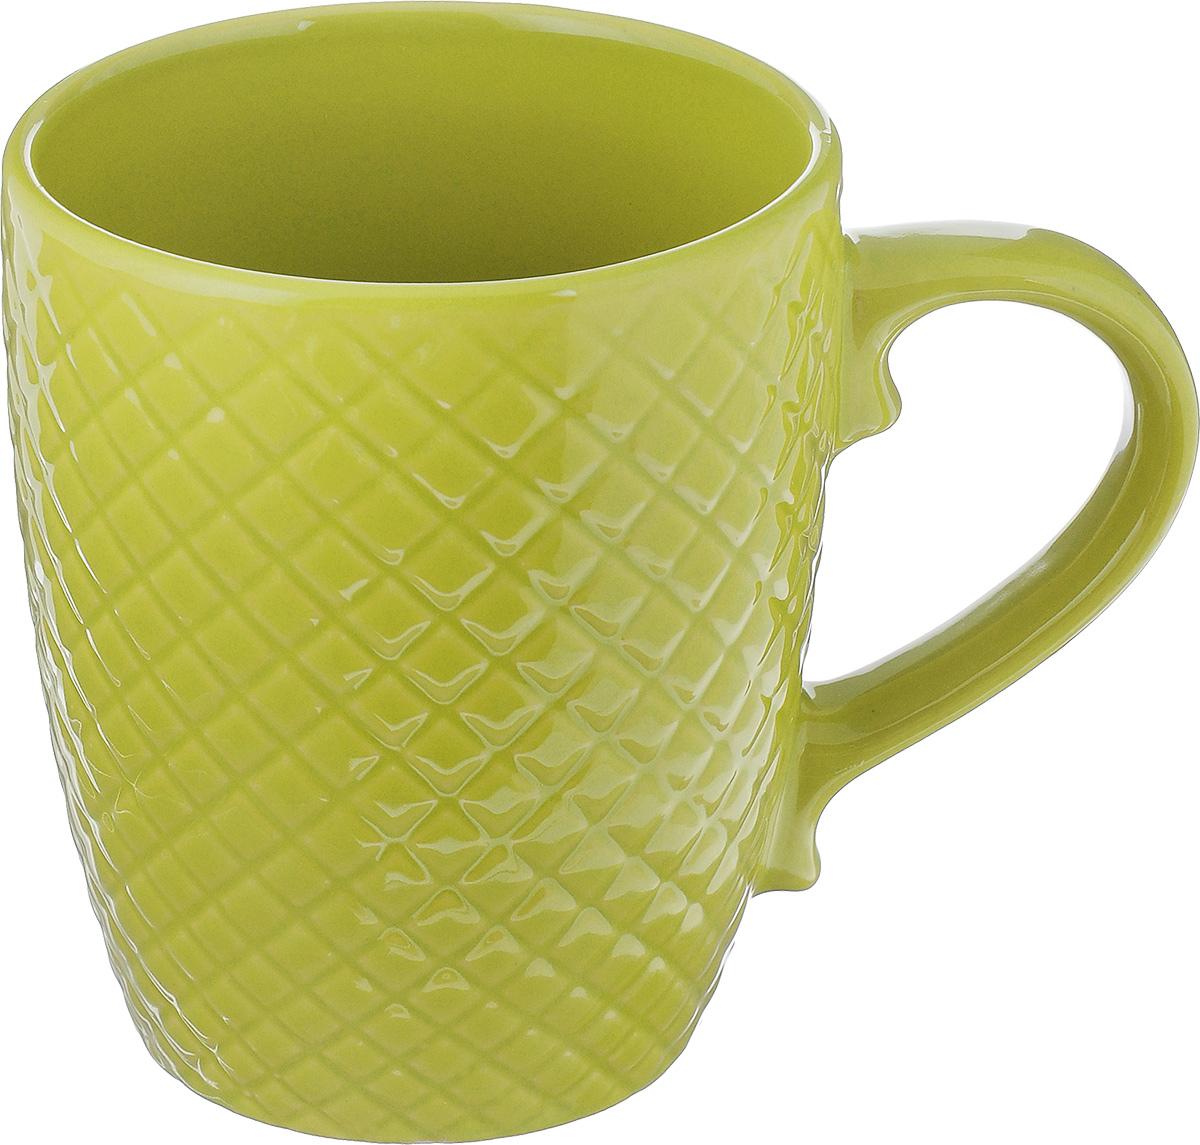 Кружка Walmer Amber, цвет: зеленый, 350 млW06123035Кружка Walmer Amber изготовлена из высококачественной керамики. Изделие оформлено изысканным рельефным орнаментом. Такая кружка прекрасно оформит стол к чаепитию и станет его неизменным атрибутом. Можно использовать в посудомоечной машине и СВЧ. Диаметр (по верхнему краю): 9 см. Диаметр основания: 6 см. Высота: 11 см.